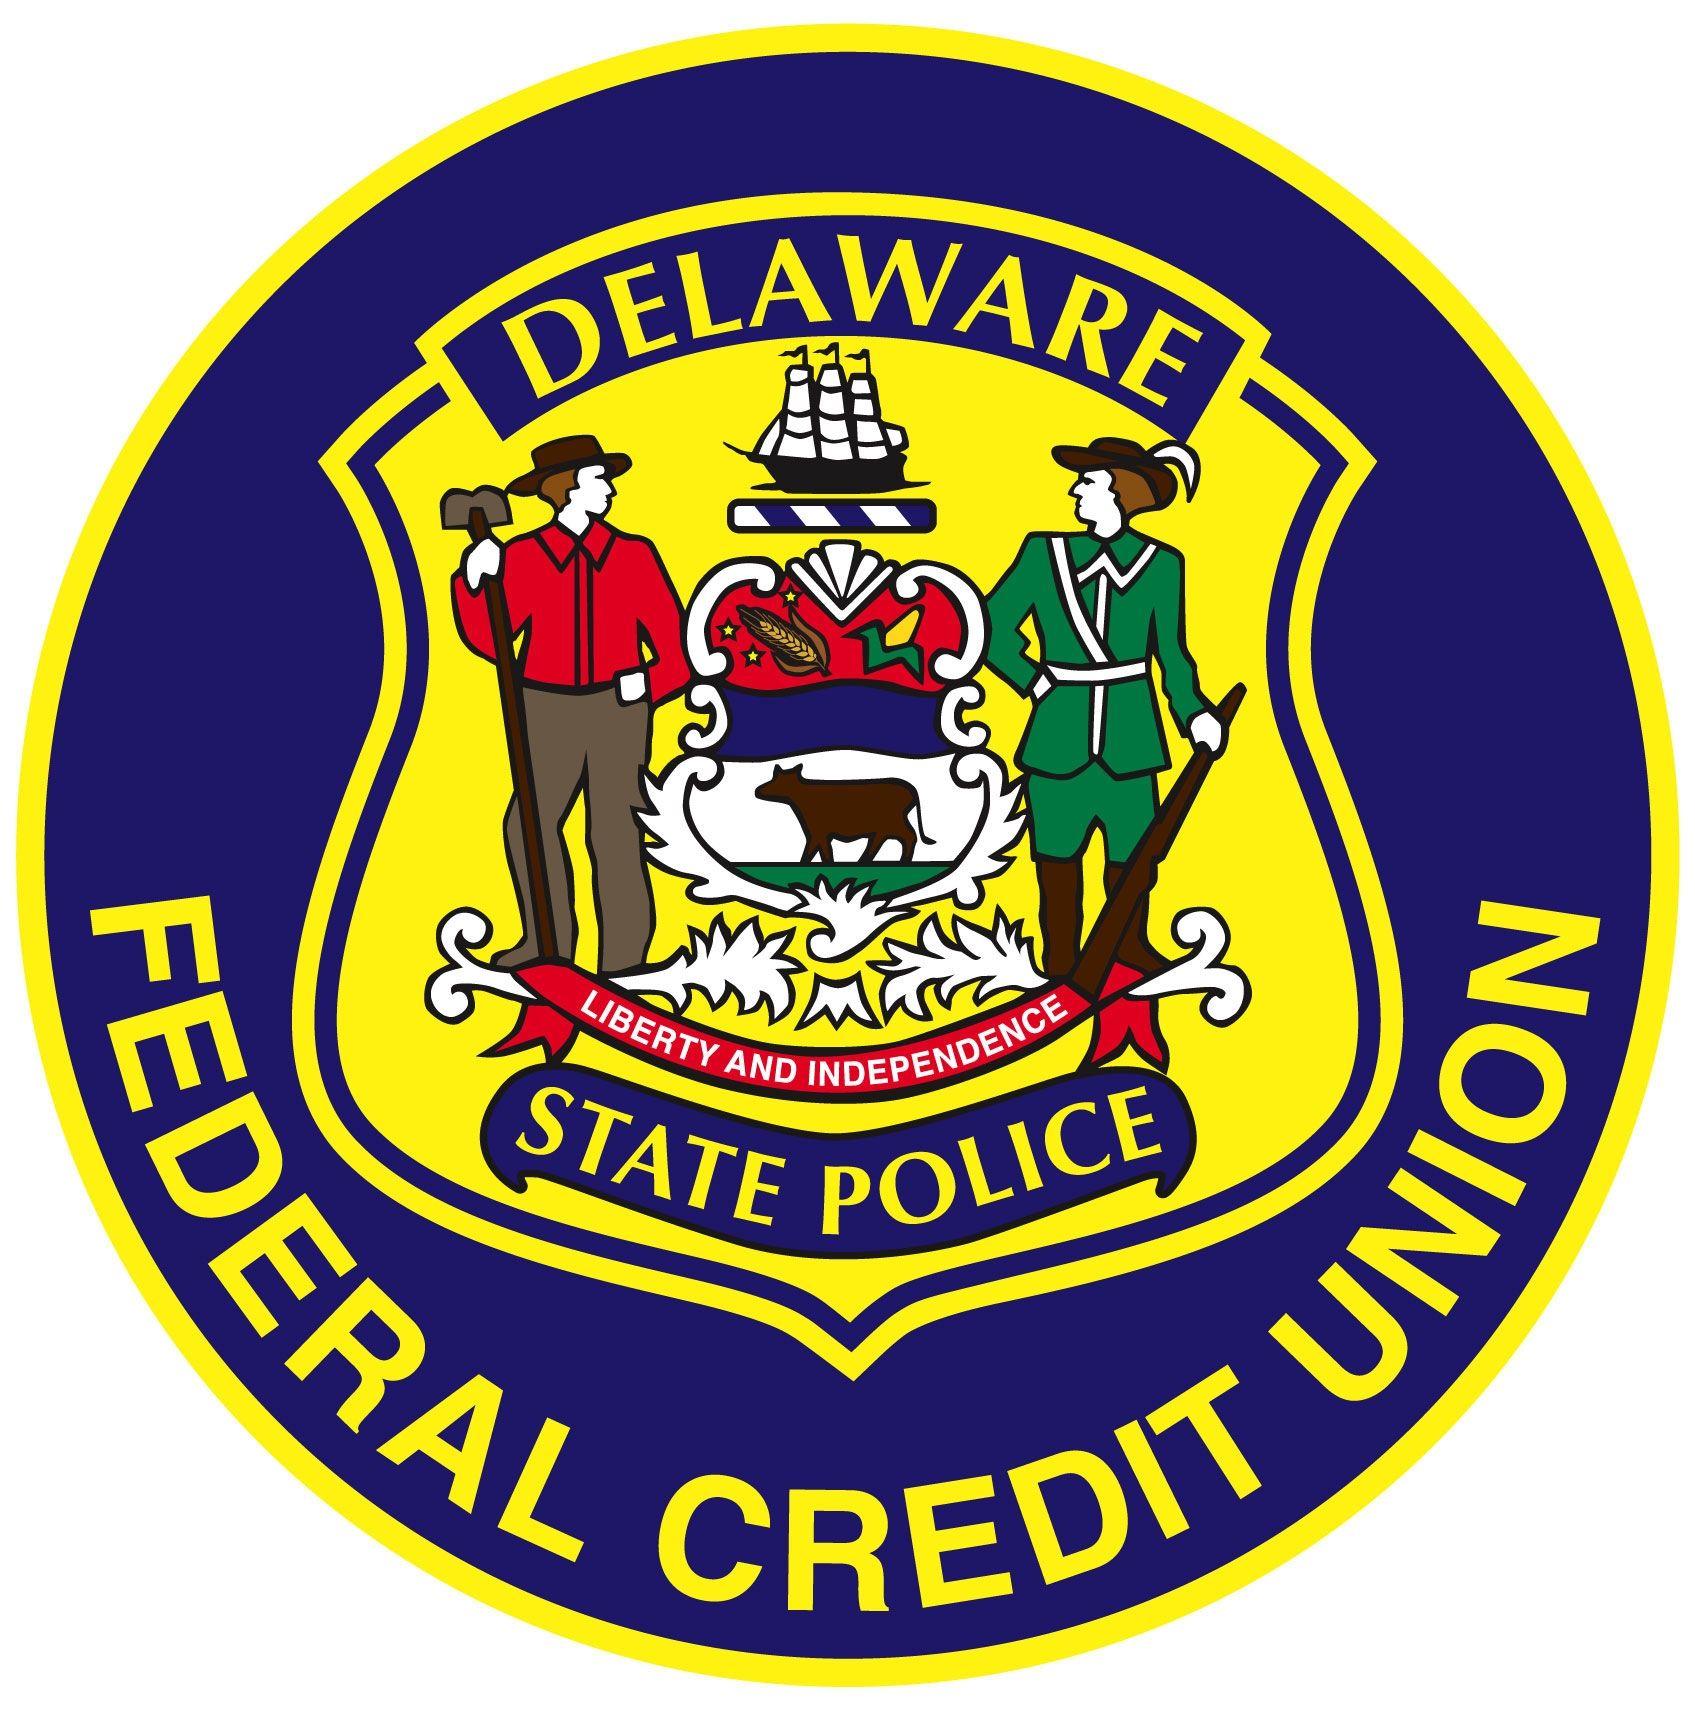 state police logo the delaware state police police logo rh pinterest co uk police logos clip art police logos clip art